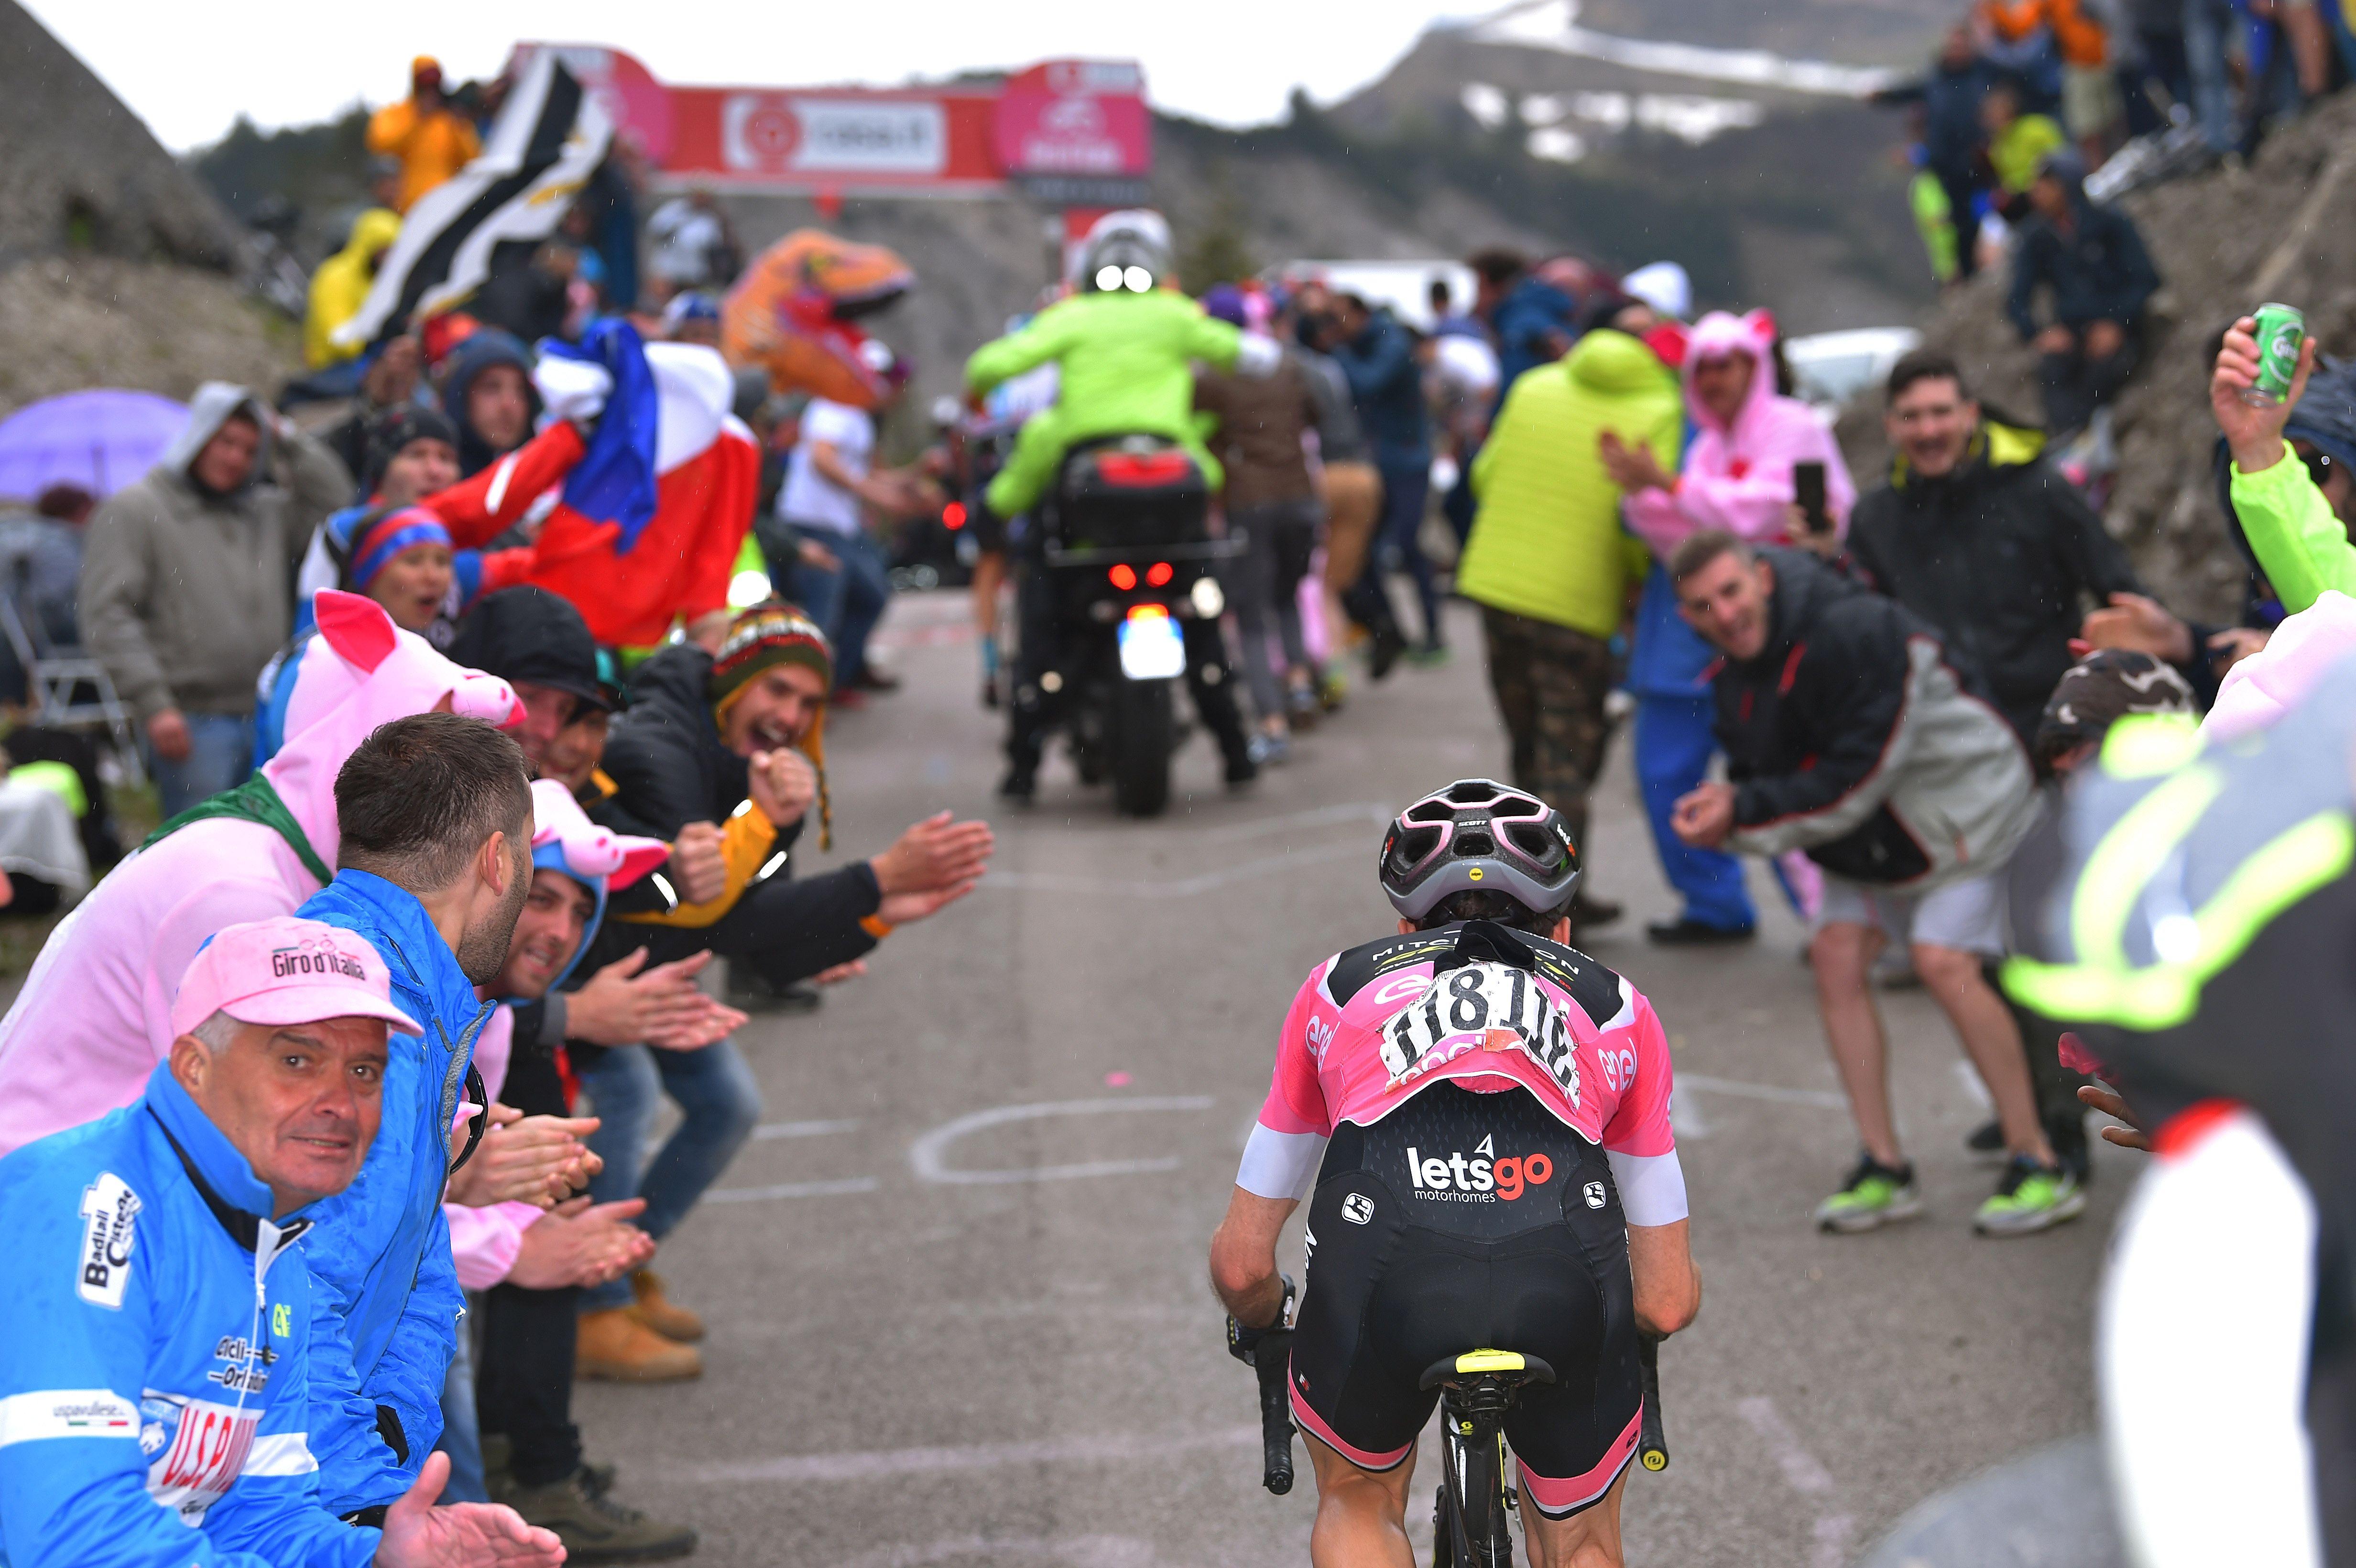 Simon Yates of Team Mitchelton-Scott makes his way up the Monte Zoncolan during Stage 14 of the 2018 Giro d'Italia.